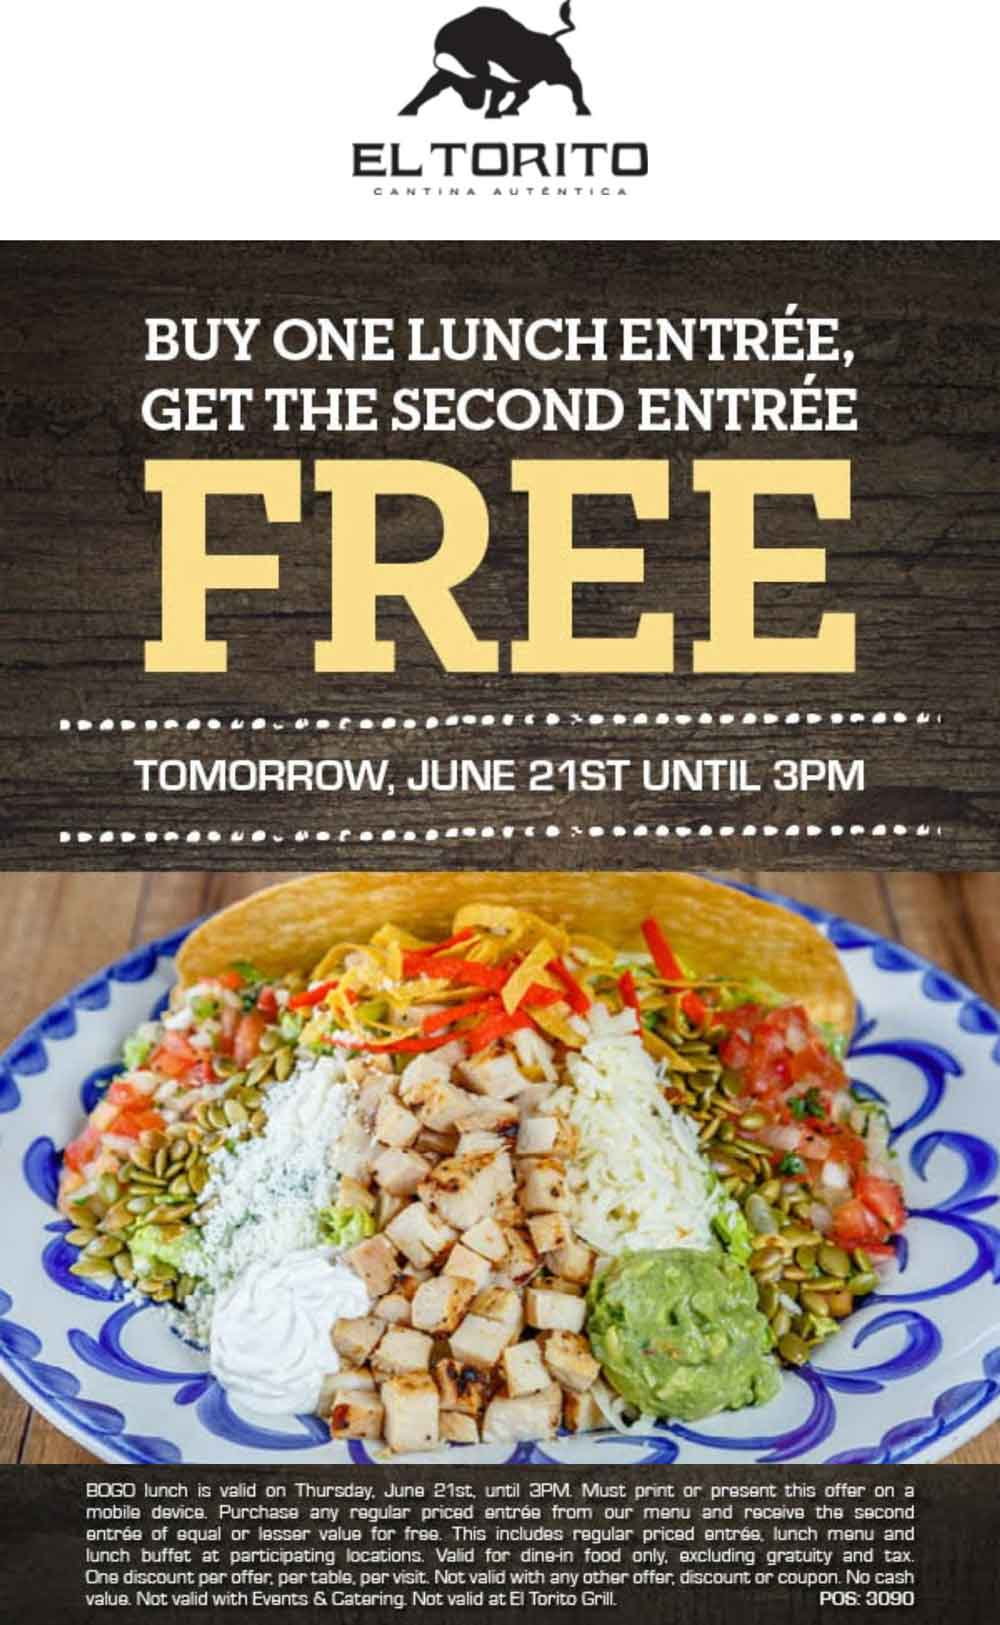 El Torito Coupon December 2018 Second lunch free today at El Torito